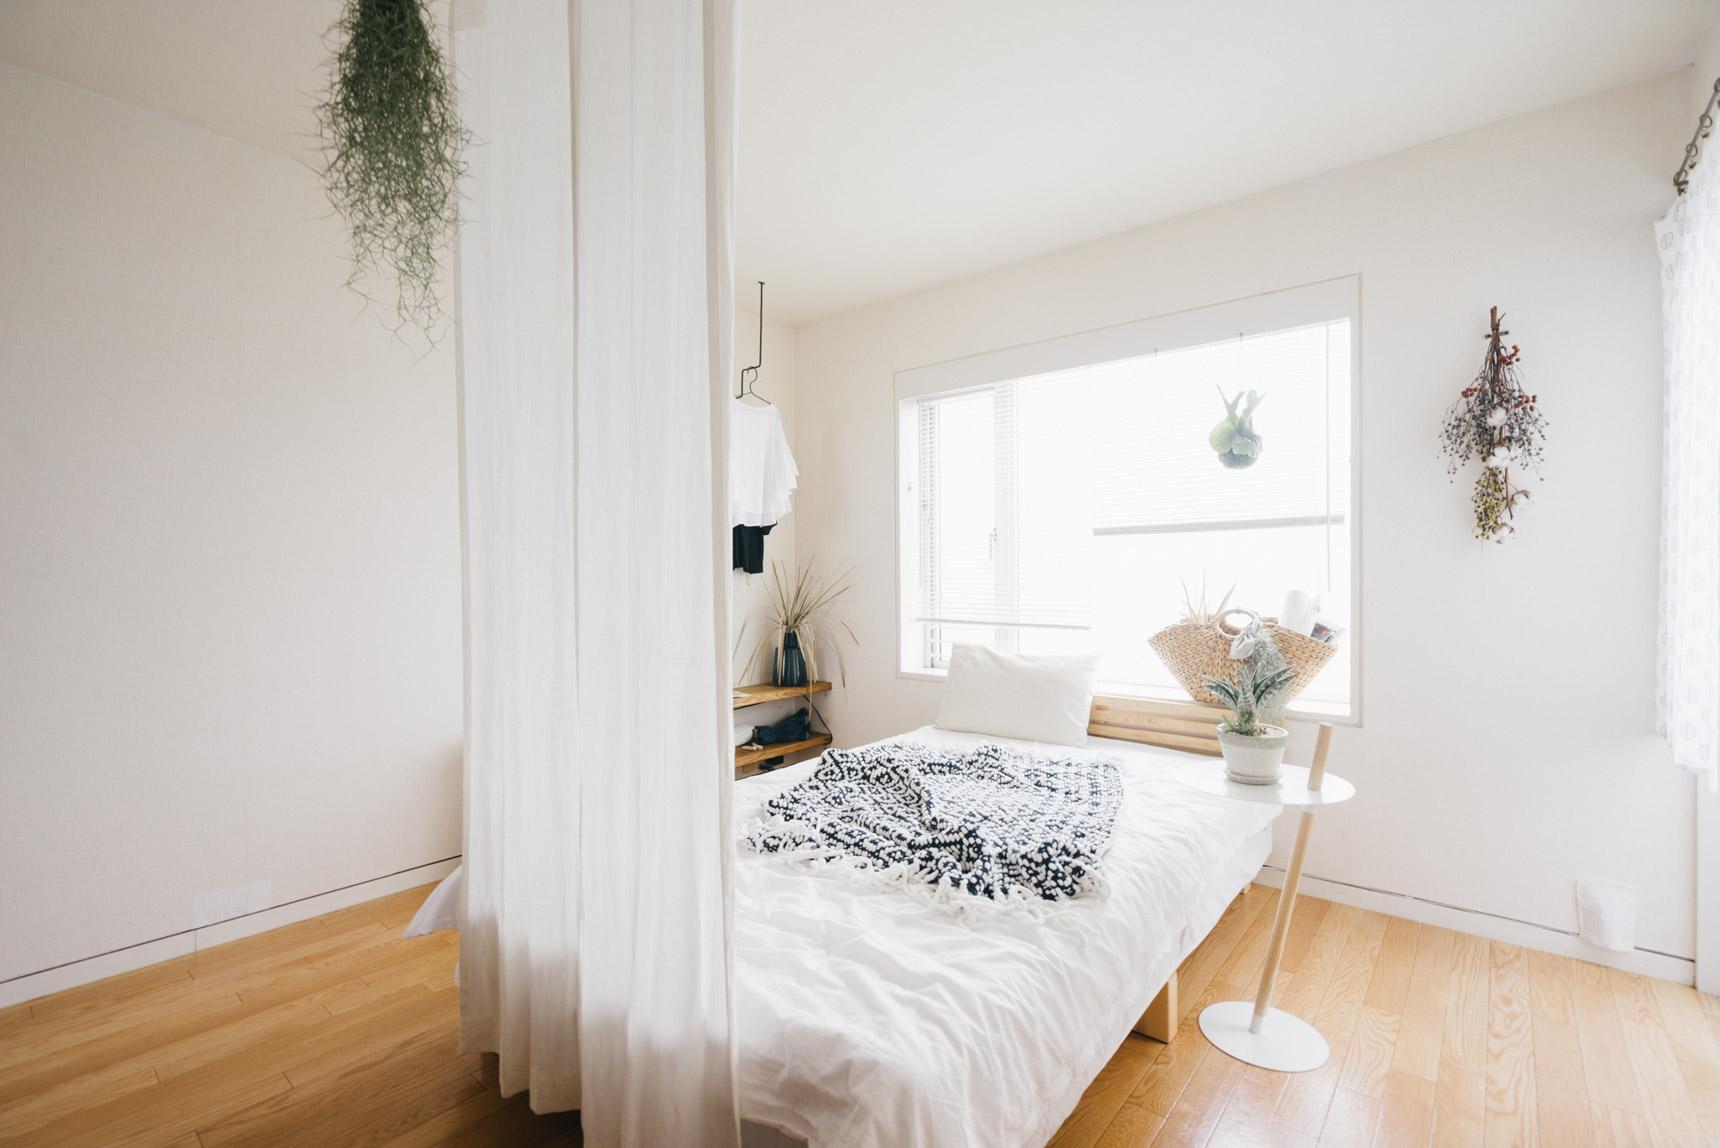 縦に長いワンルーム、寝室とリビングとは、天井から布をさげてゆるく仕切ります。「窓からの光を遮らないように、両サイドは開けるように工夫しています」